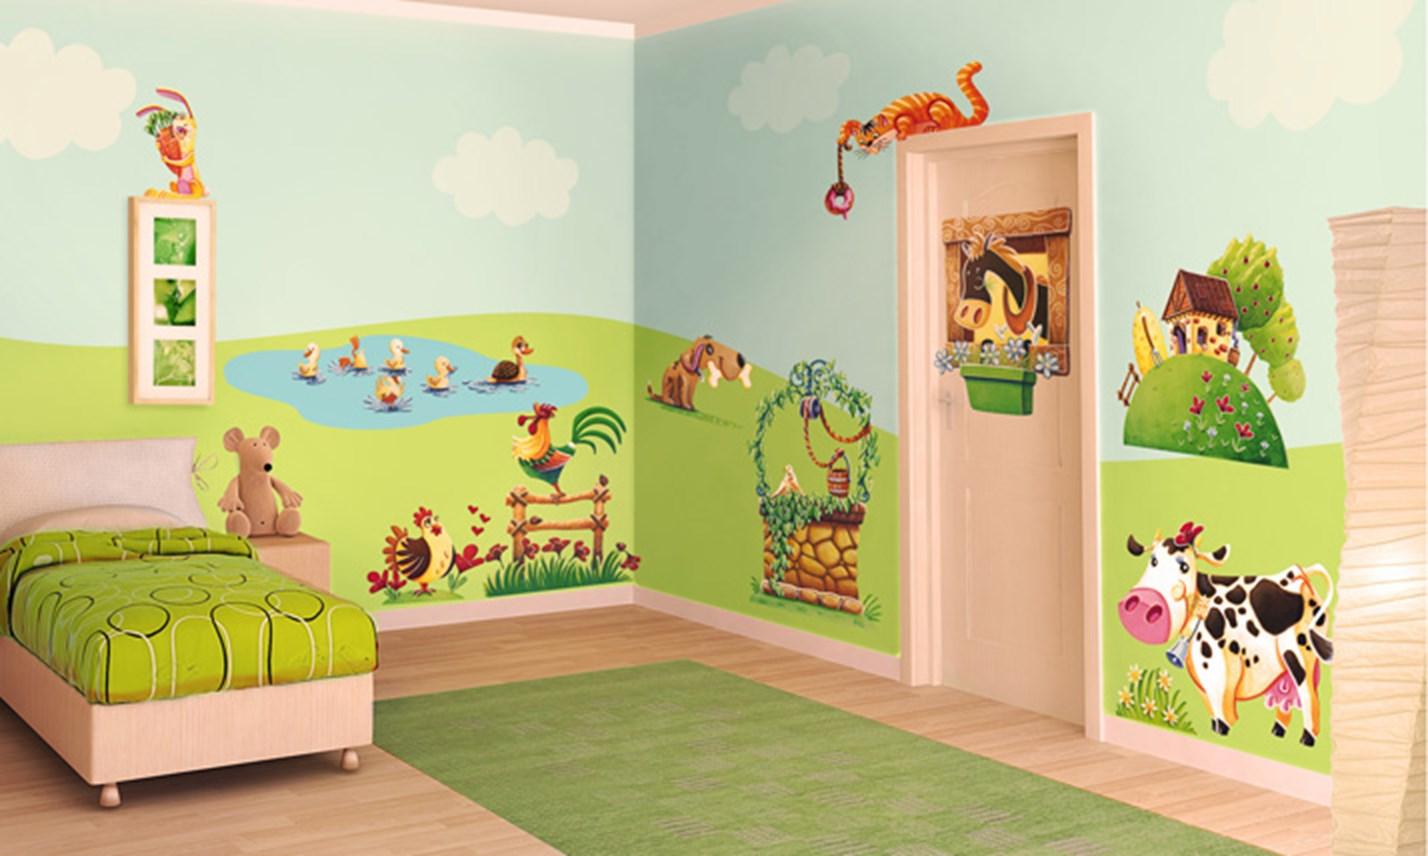 Decorare la cameretta del neonato idee per decorare for Decorazioni stanza neonato